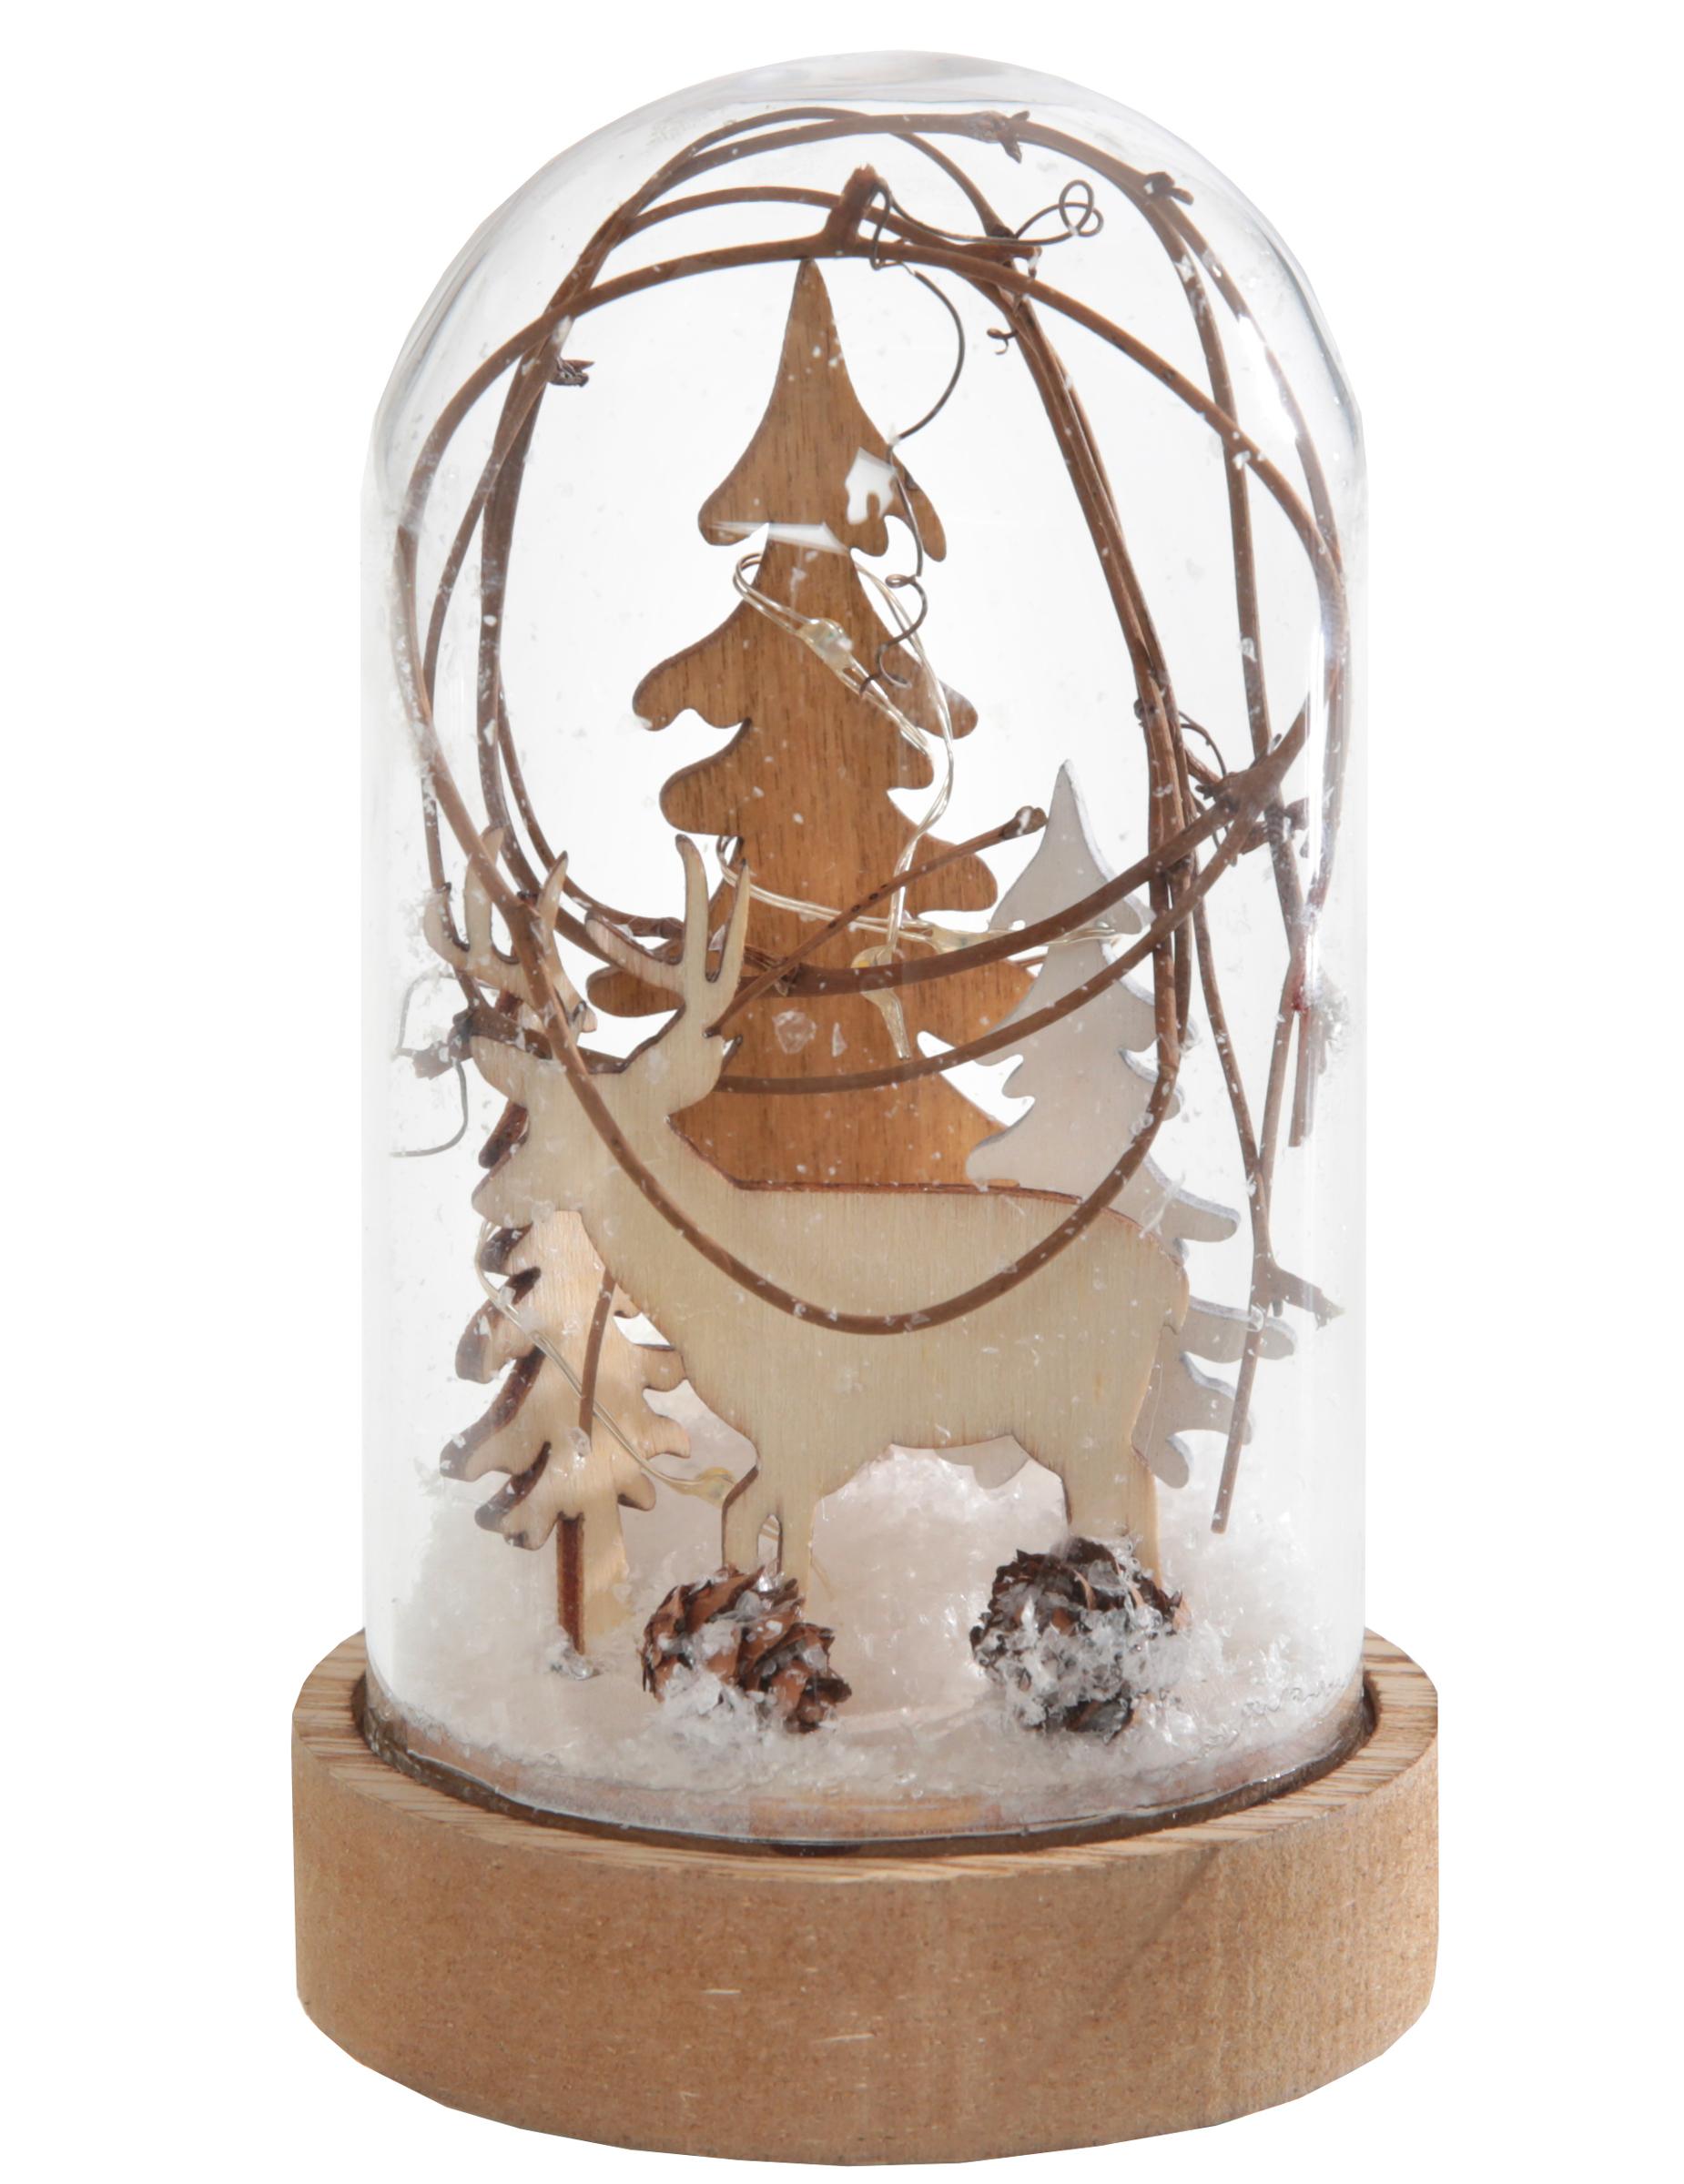 boule neige en verre cerf lumineuse 7 5 x 12 5 cm d coration anniversaire et f tes th me. Black Bedroom Furniture Sets. Home Design Ideas